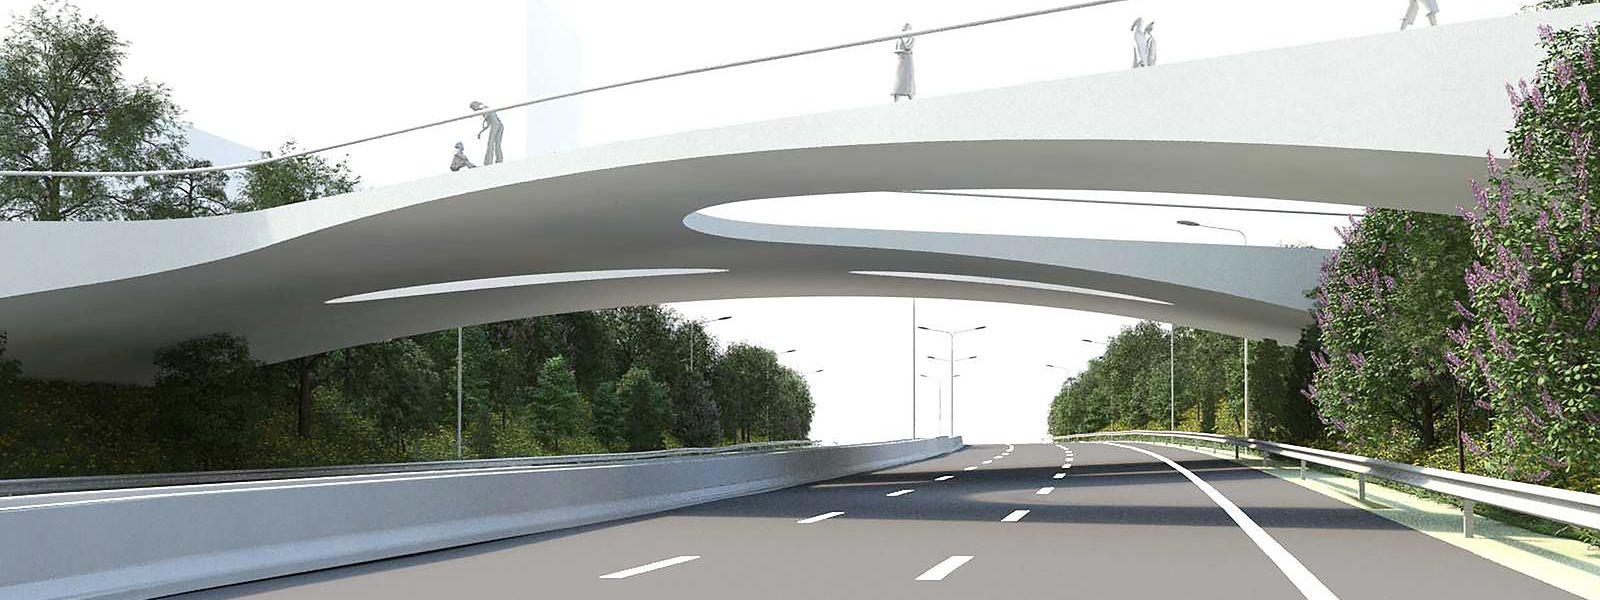 Der Bau der Brücke, die Tram, Busse, Radfahrer und Fußgänger vom Howald zum Ban de Gasperich führt, wird mit 7 Millionen Euro zu Buche schlagen.